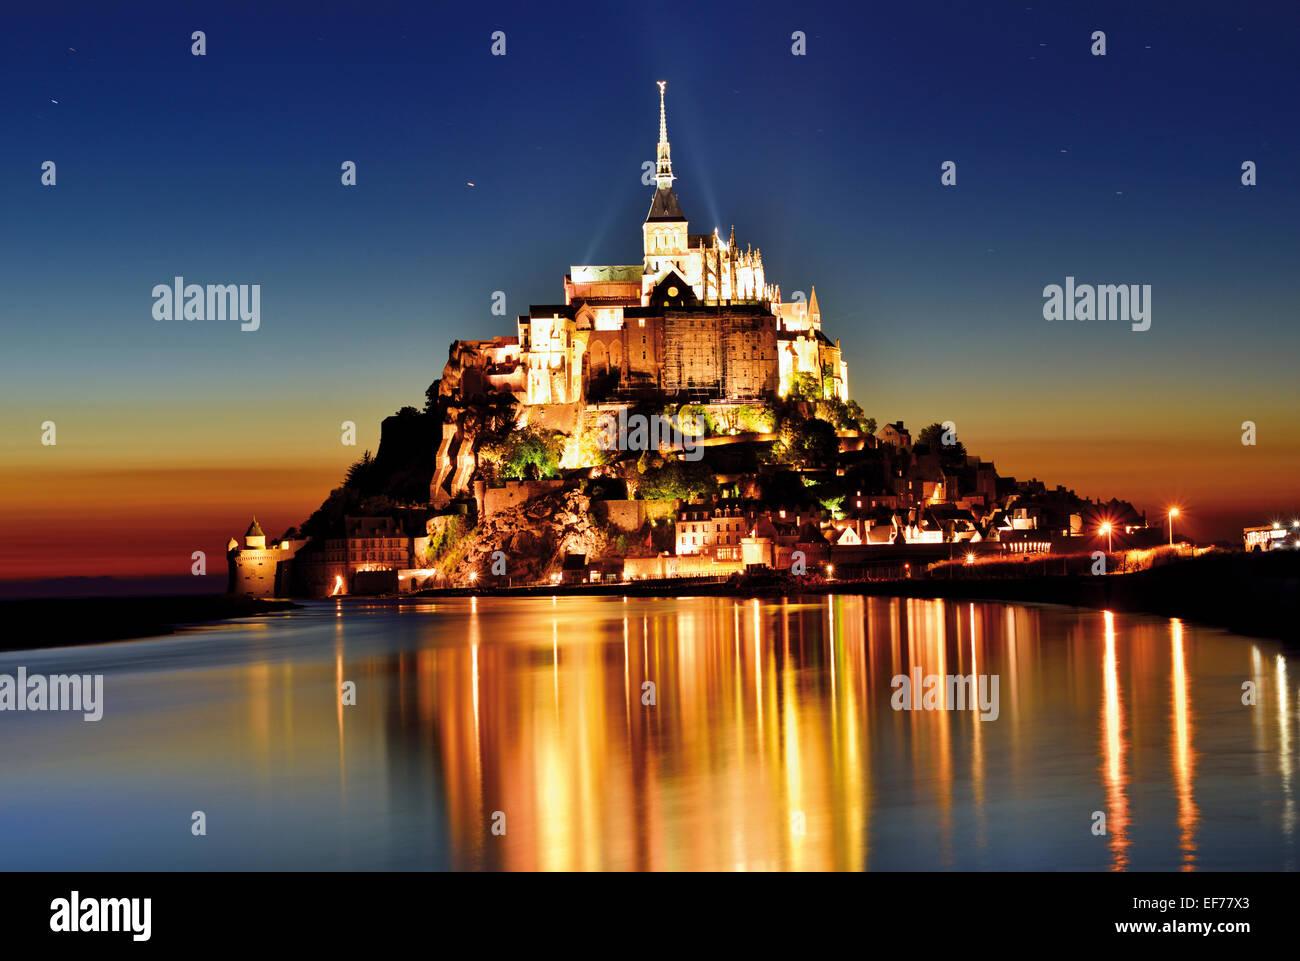 Francia, Normandía: vista escénica de Le Mont Saint Michel por la noche Imagen De Stock